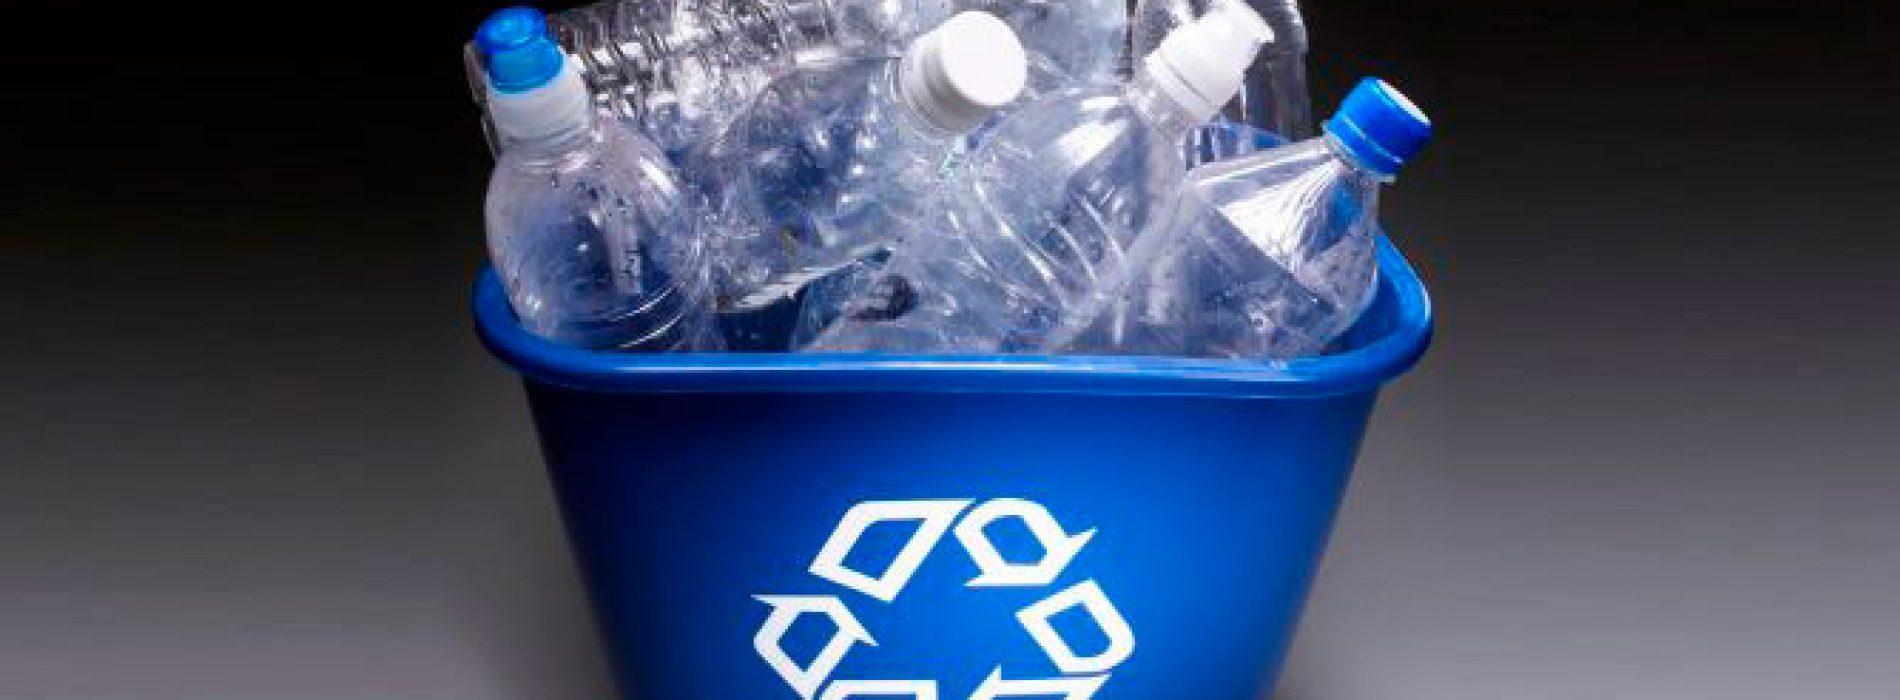 Múltis planejam reciclar 100% das embalagens